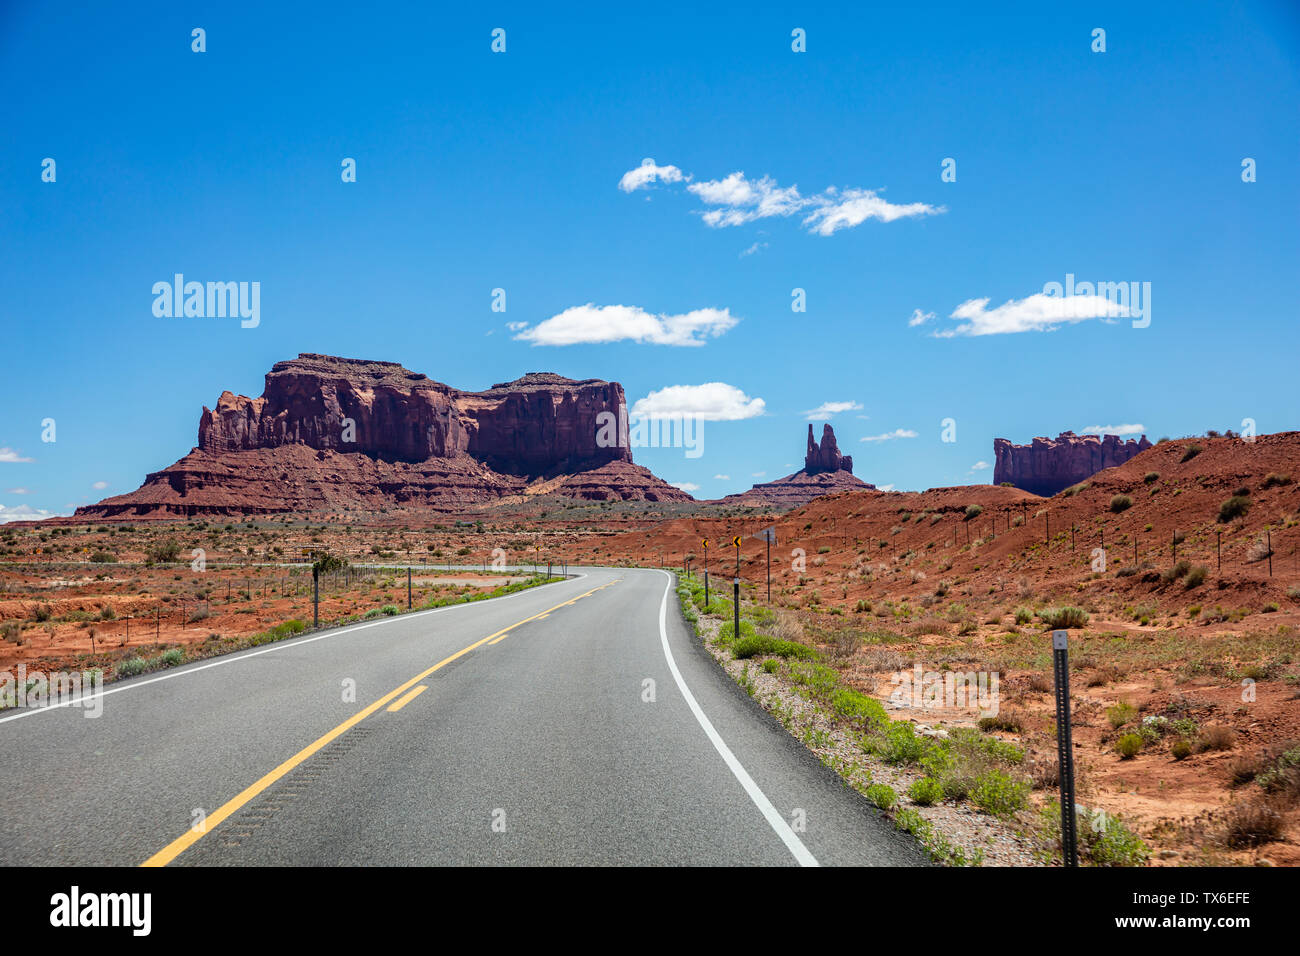 Monument Valley Navajo Tribal Park Road, dans la frontière Arizona-Utah, États-Unis d'Amérique. La route panoramique à red rock formations, journée ensoleillée en spr Banque D'Images